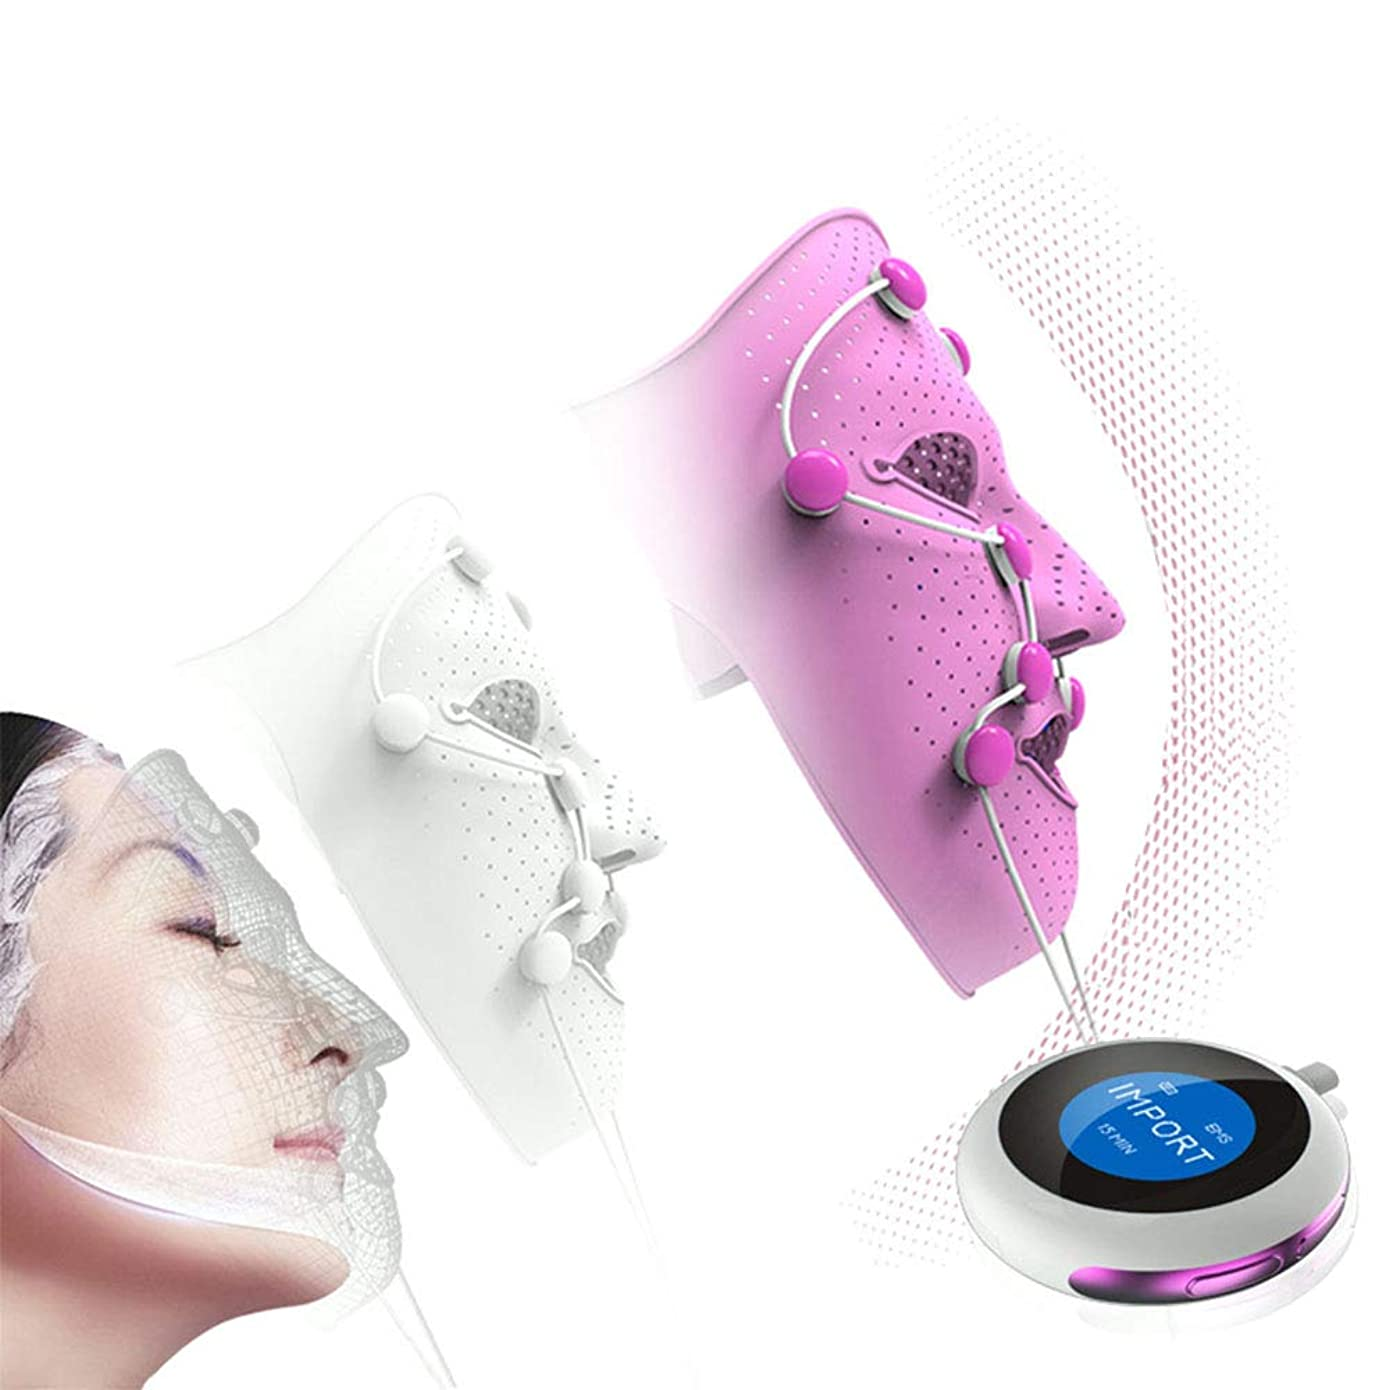 合理化シャトル胆嚢マスクの器械の美の表面カバーEMSの顔の解毒の美装置